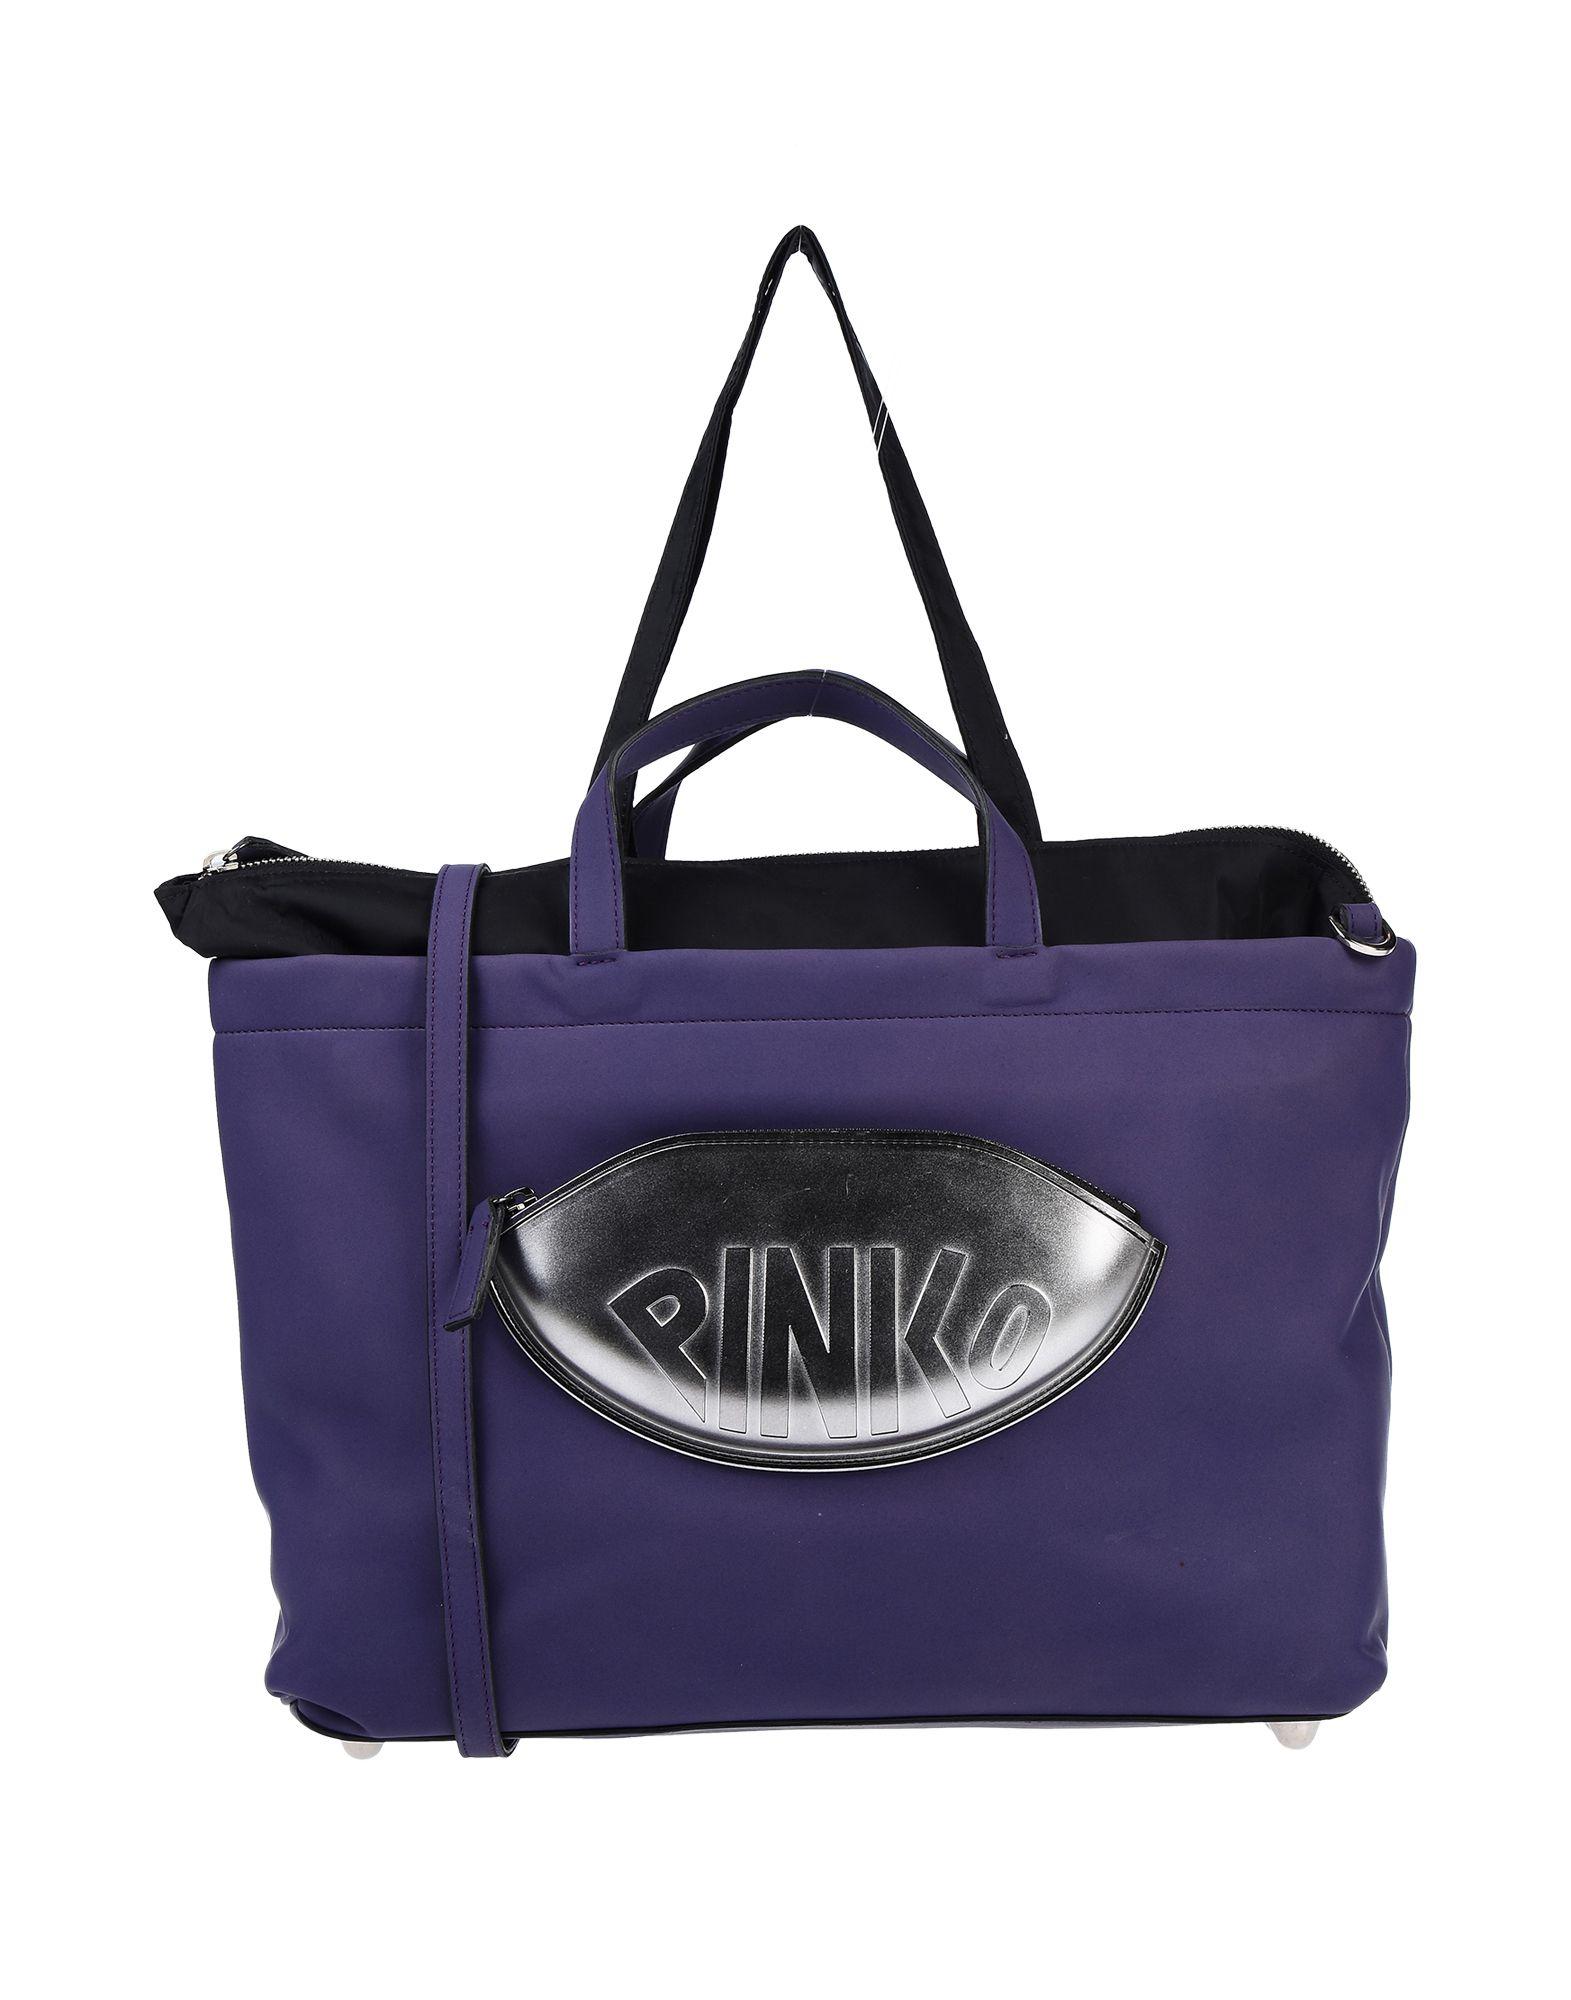 《送料無料》PINKO レディース メッセンジャーバッグ パープル 紡績繊維